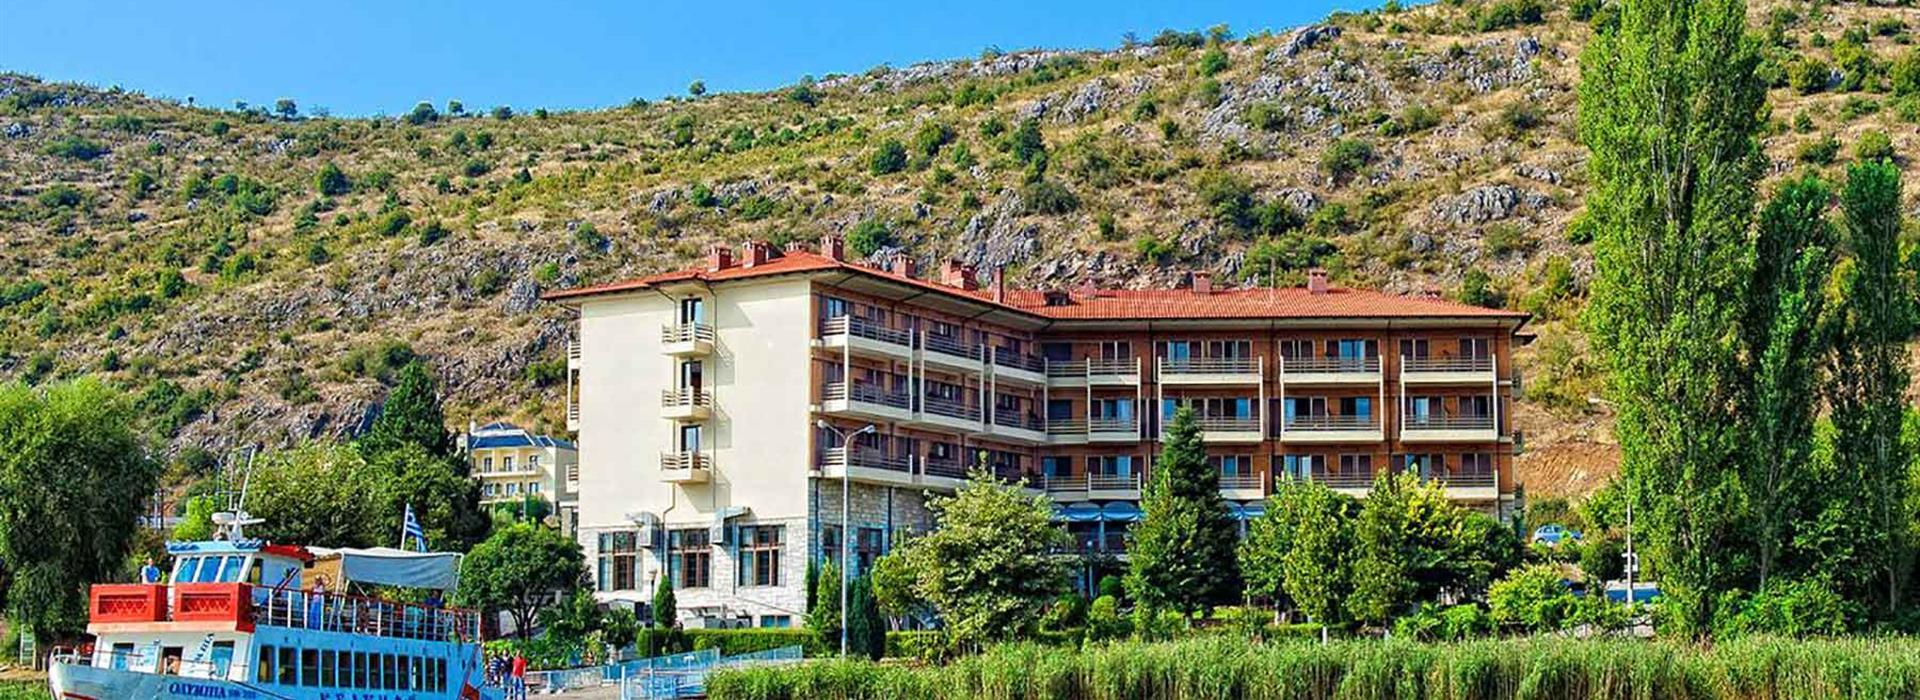 tsamis-hotel-kastoria